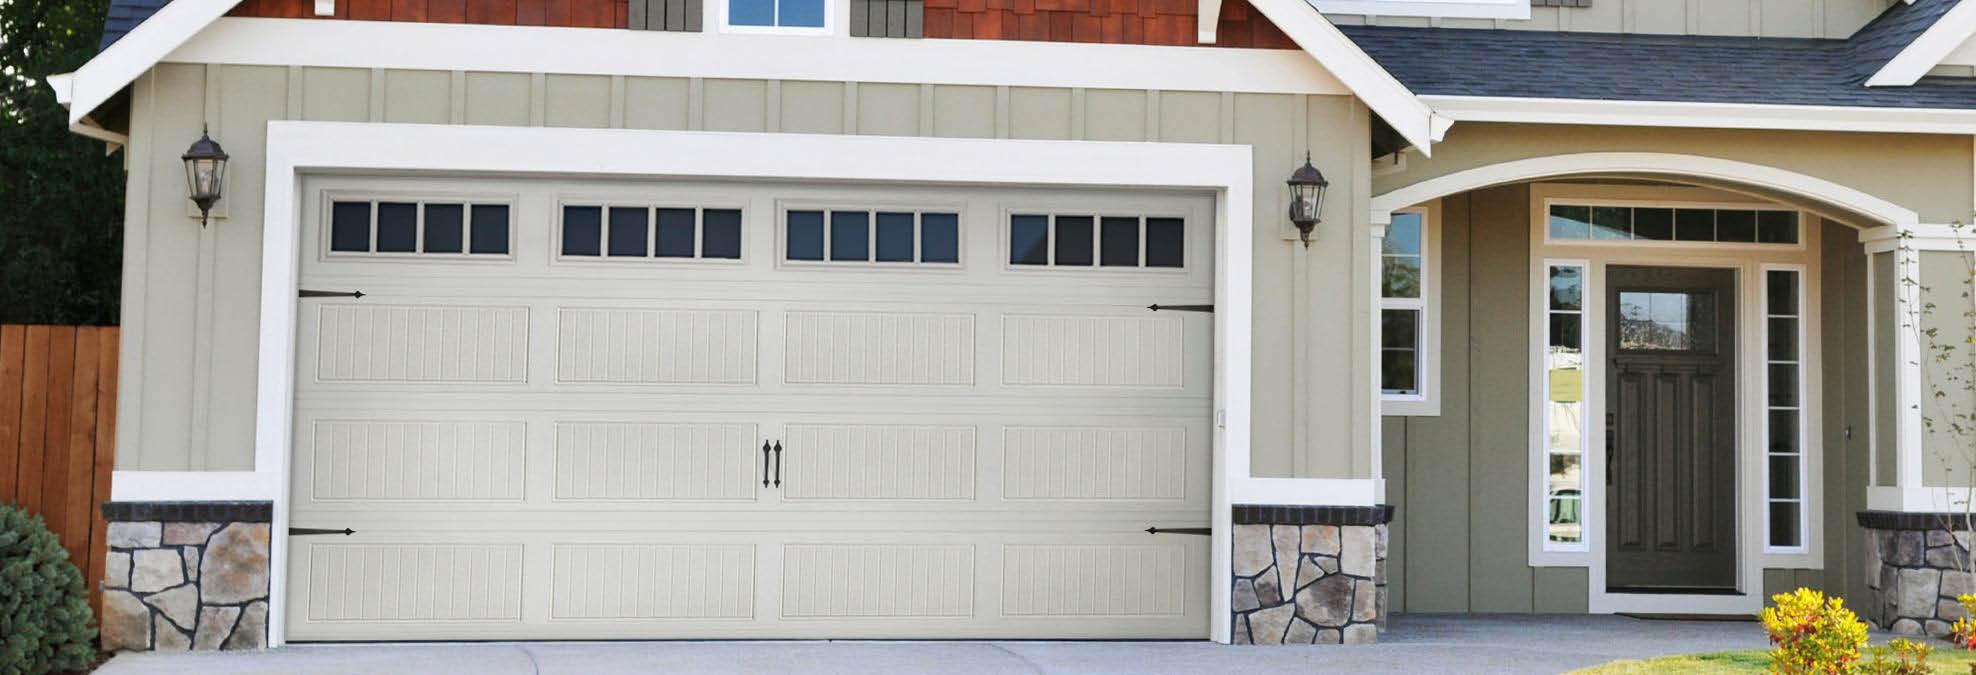 Garage Door Service BEST PRICES, Garage Door Retail BEST PARTS,BEST WARRANTY